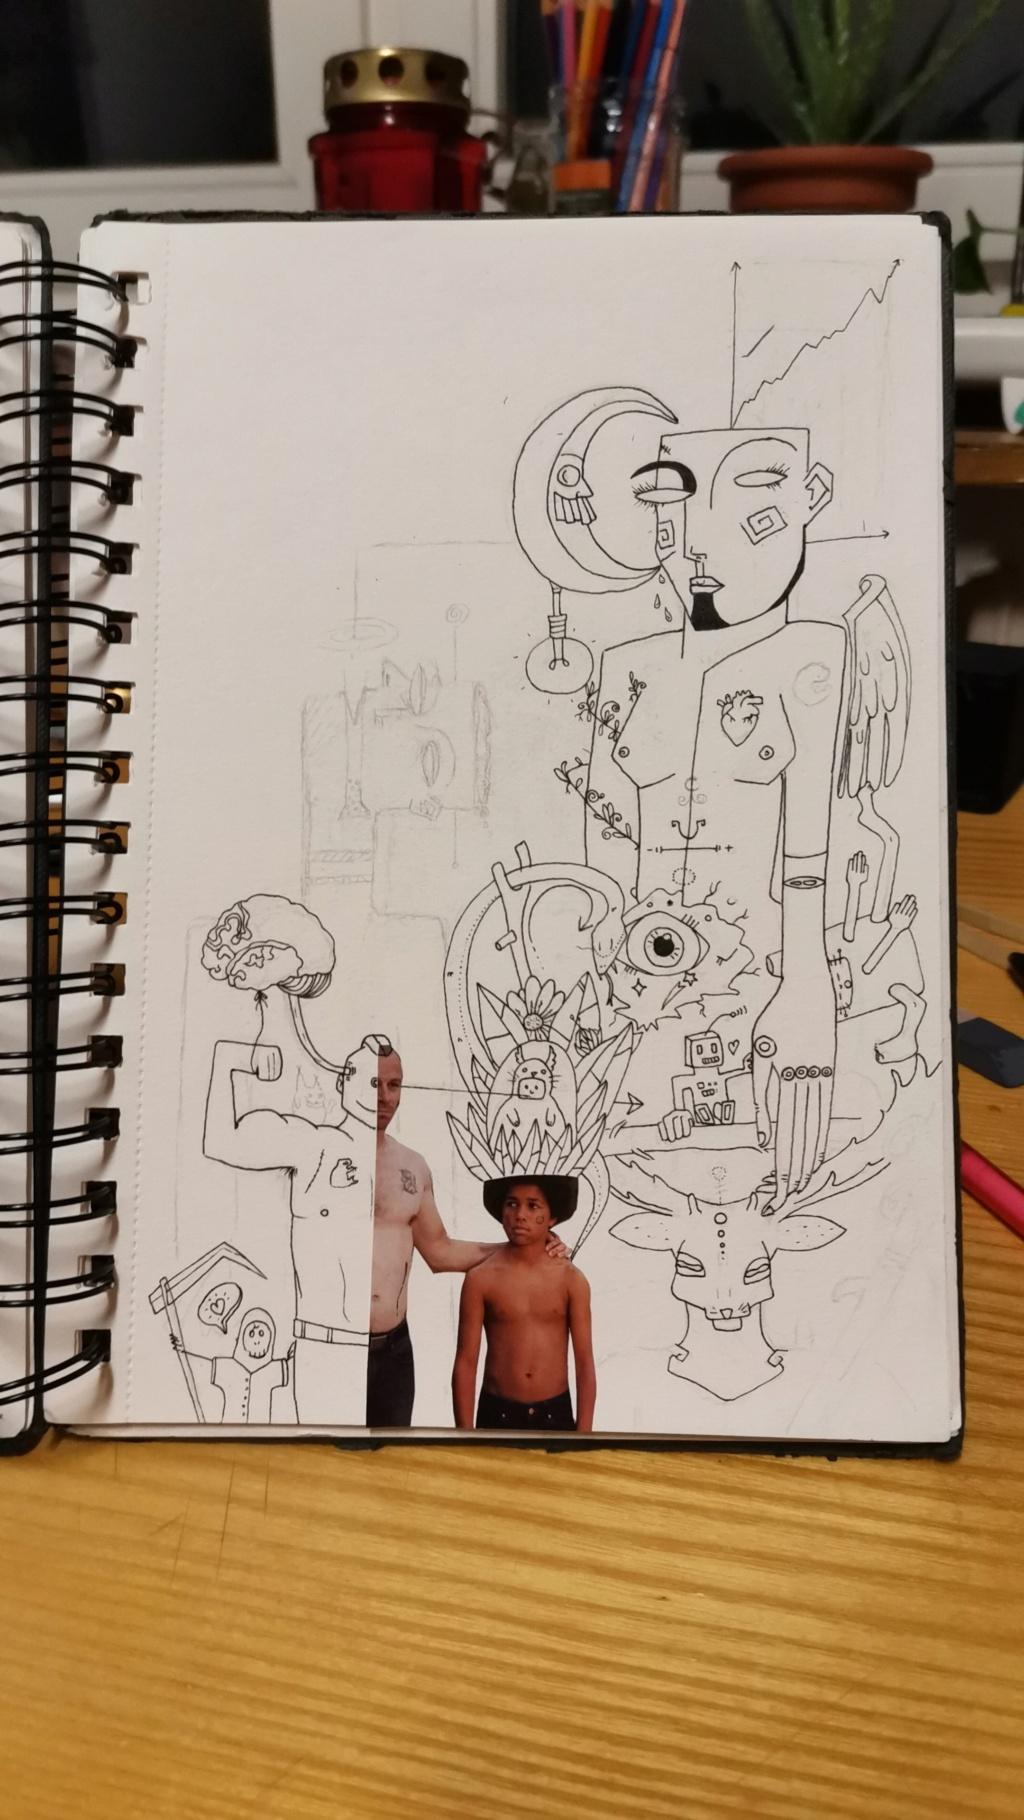 Un dessin par jour, qui veut jouer? - Page 19 Img-2014